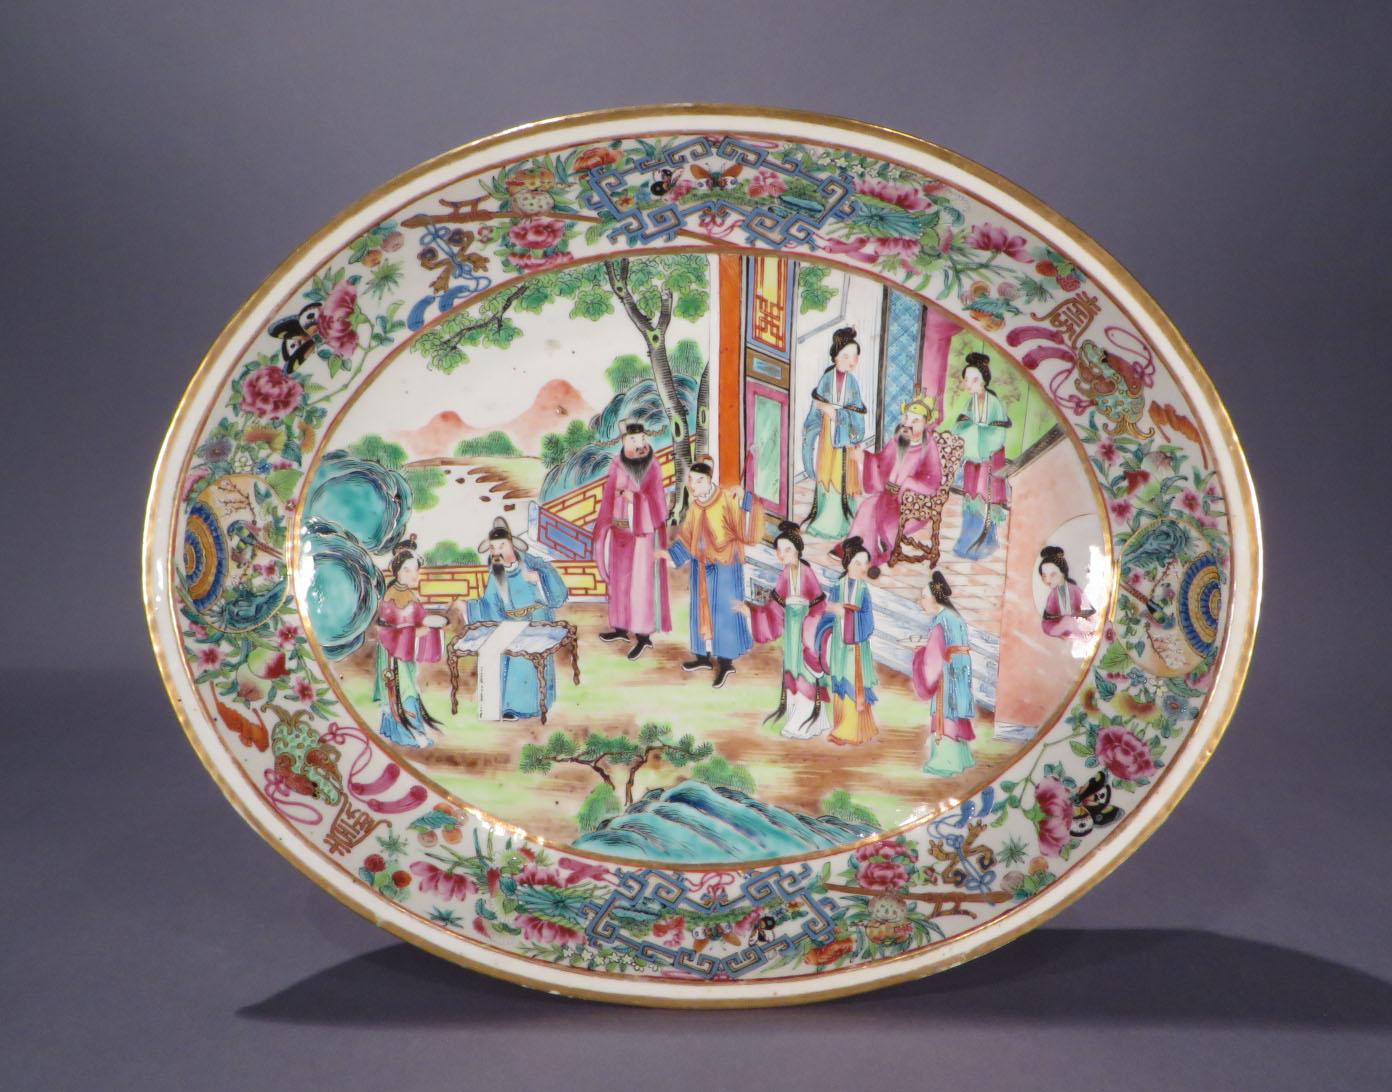 Chinese Rose Mandarin Serving Dish C 1830 on European Antiques Furniture